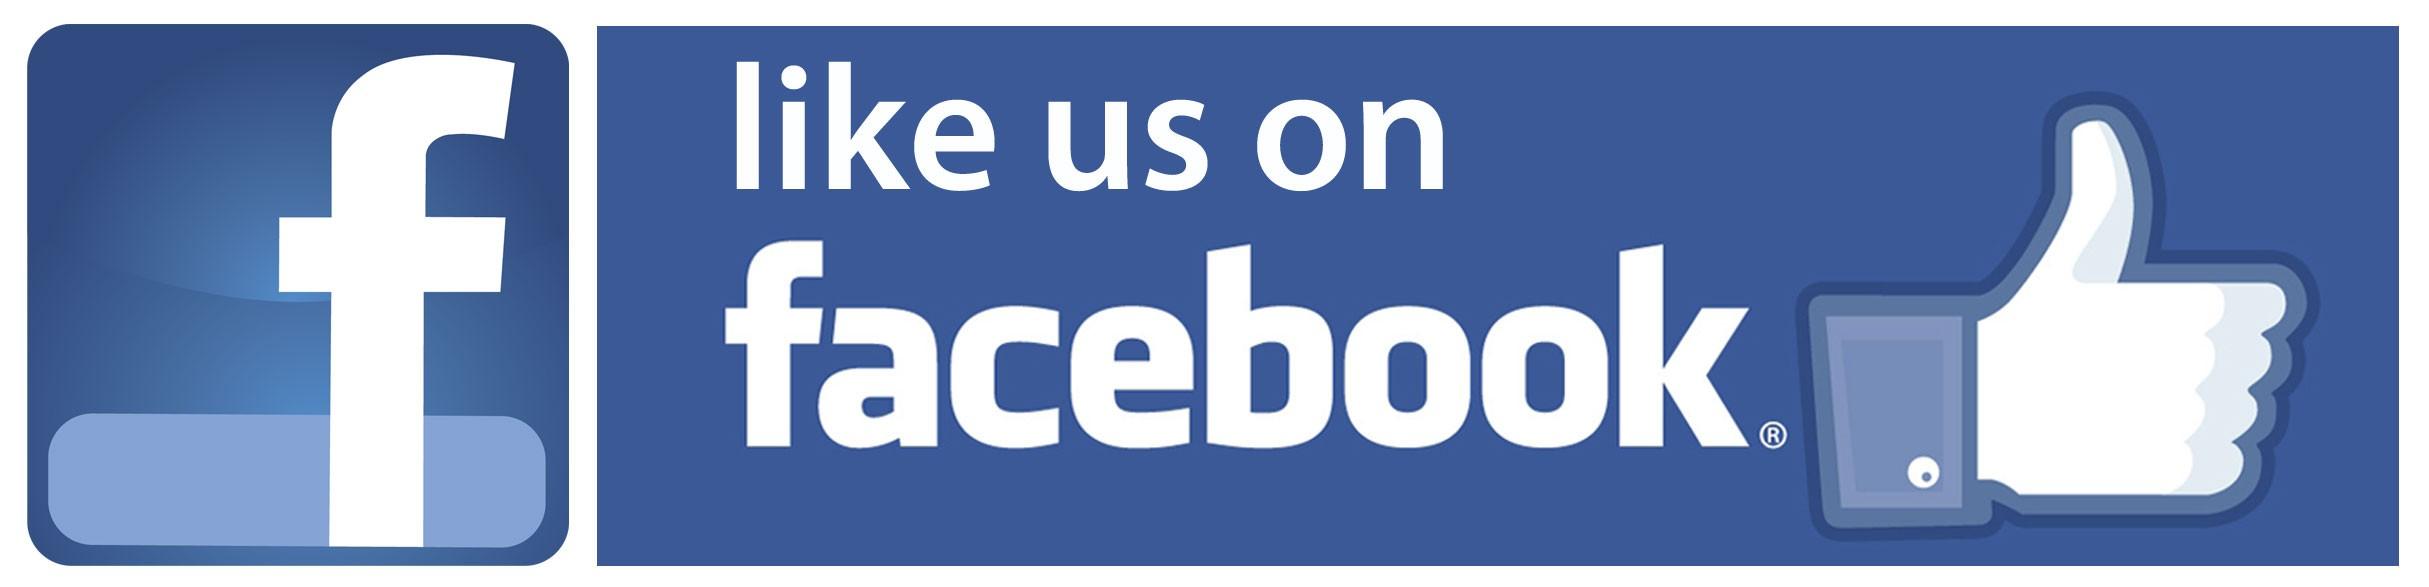 facebook.-like-us-on